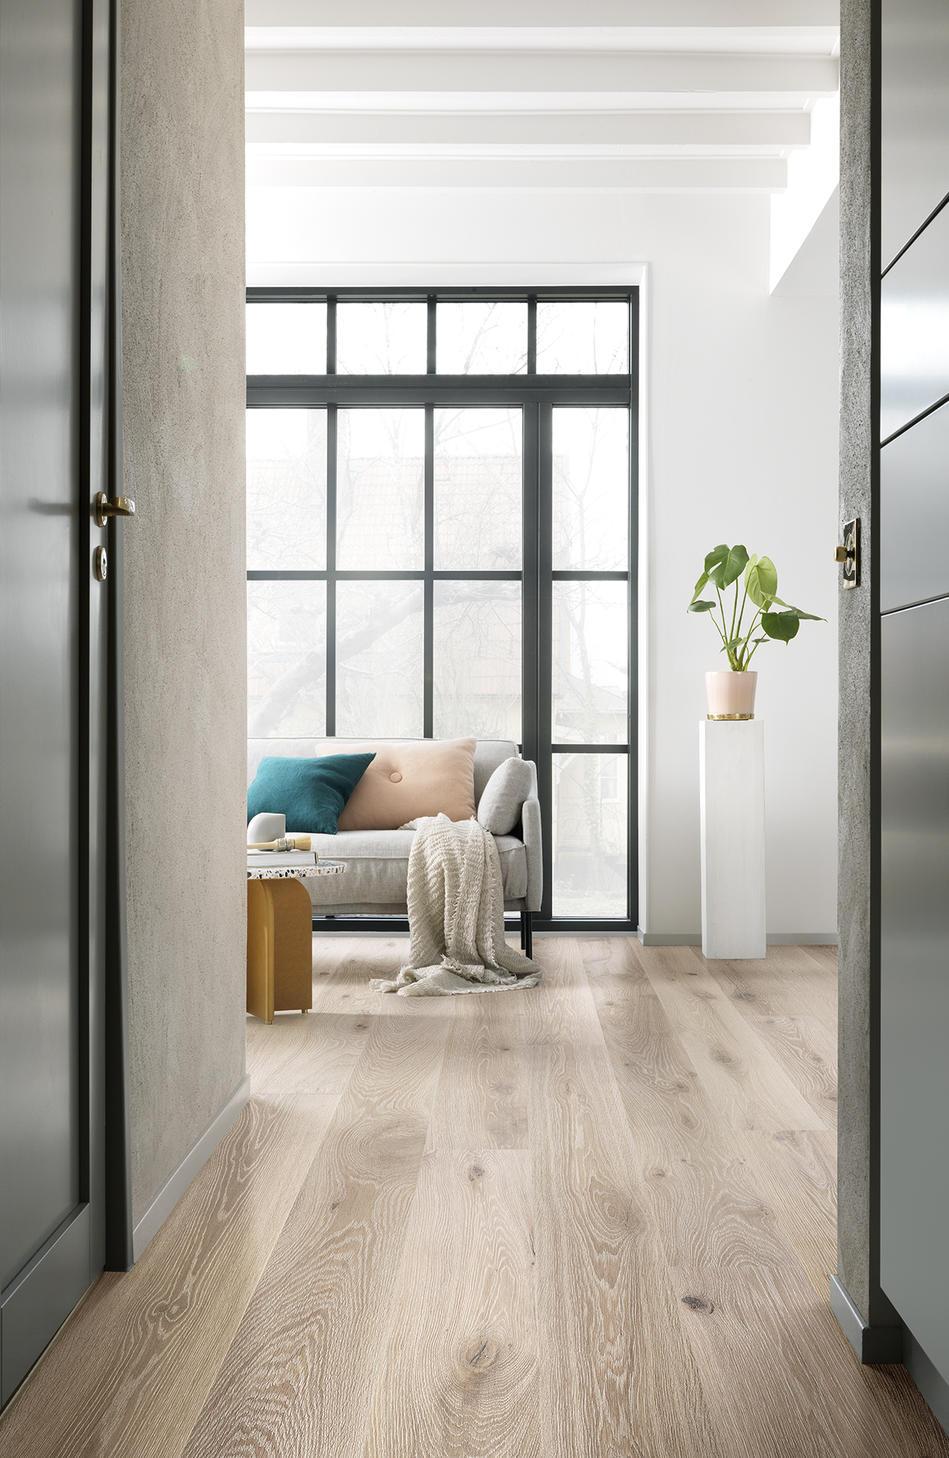 Holzboden im Eingangsbereich